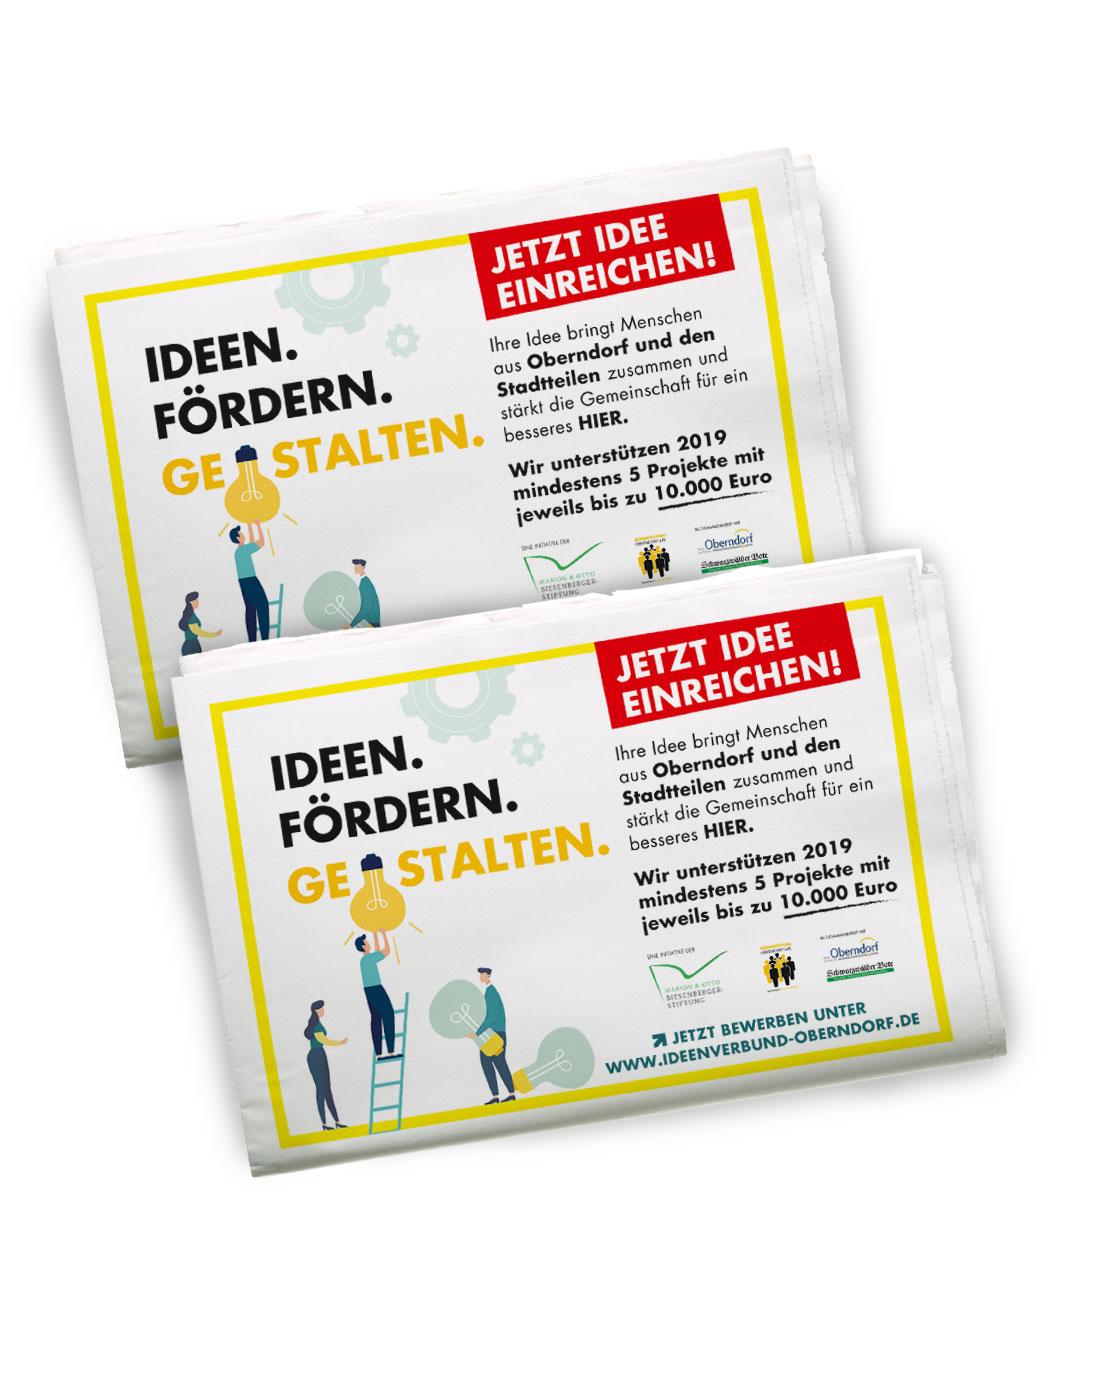 Abbildung einer Zeitung mit Zeitungsanzeigen für Kampagne Ideen. Fördern. Gestalten